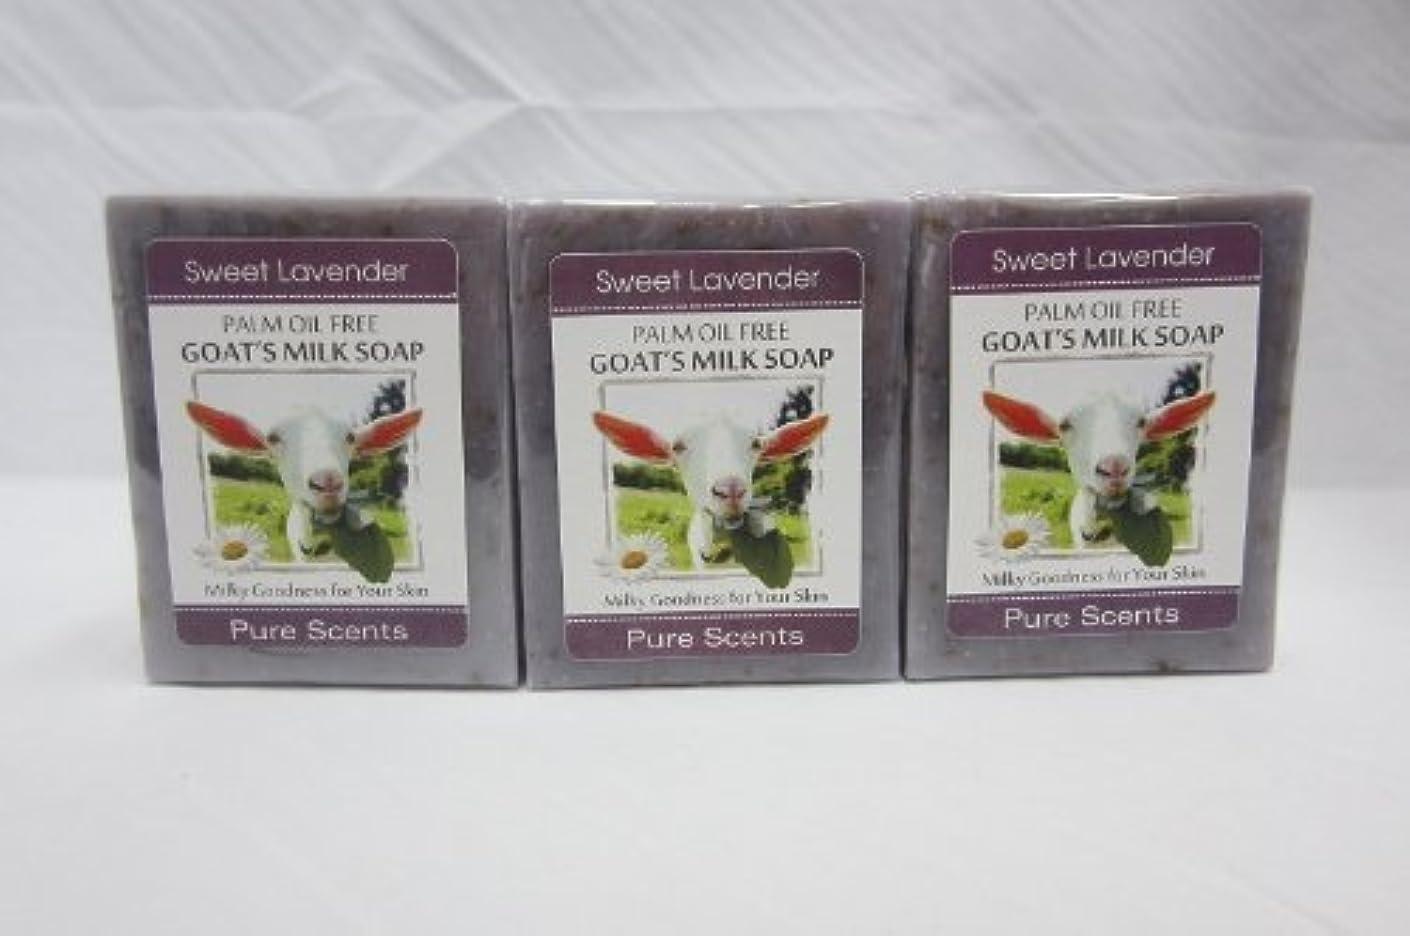 雄弁家騒々しい機械的【Pure Scents】Goat's Milk Soap ヤギのミルクせっけん 3個セット Sweet Lavender スイートラベンダー